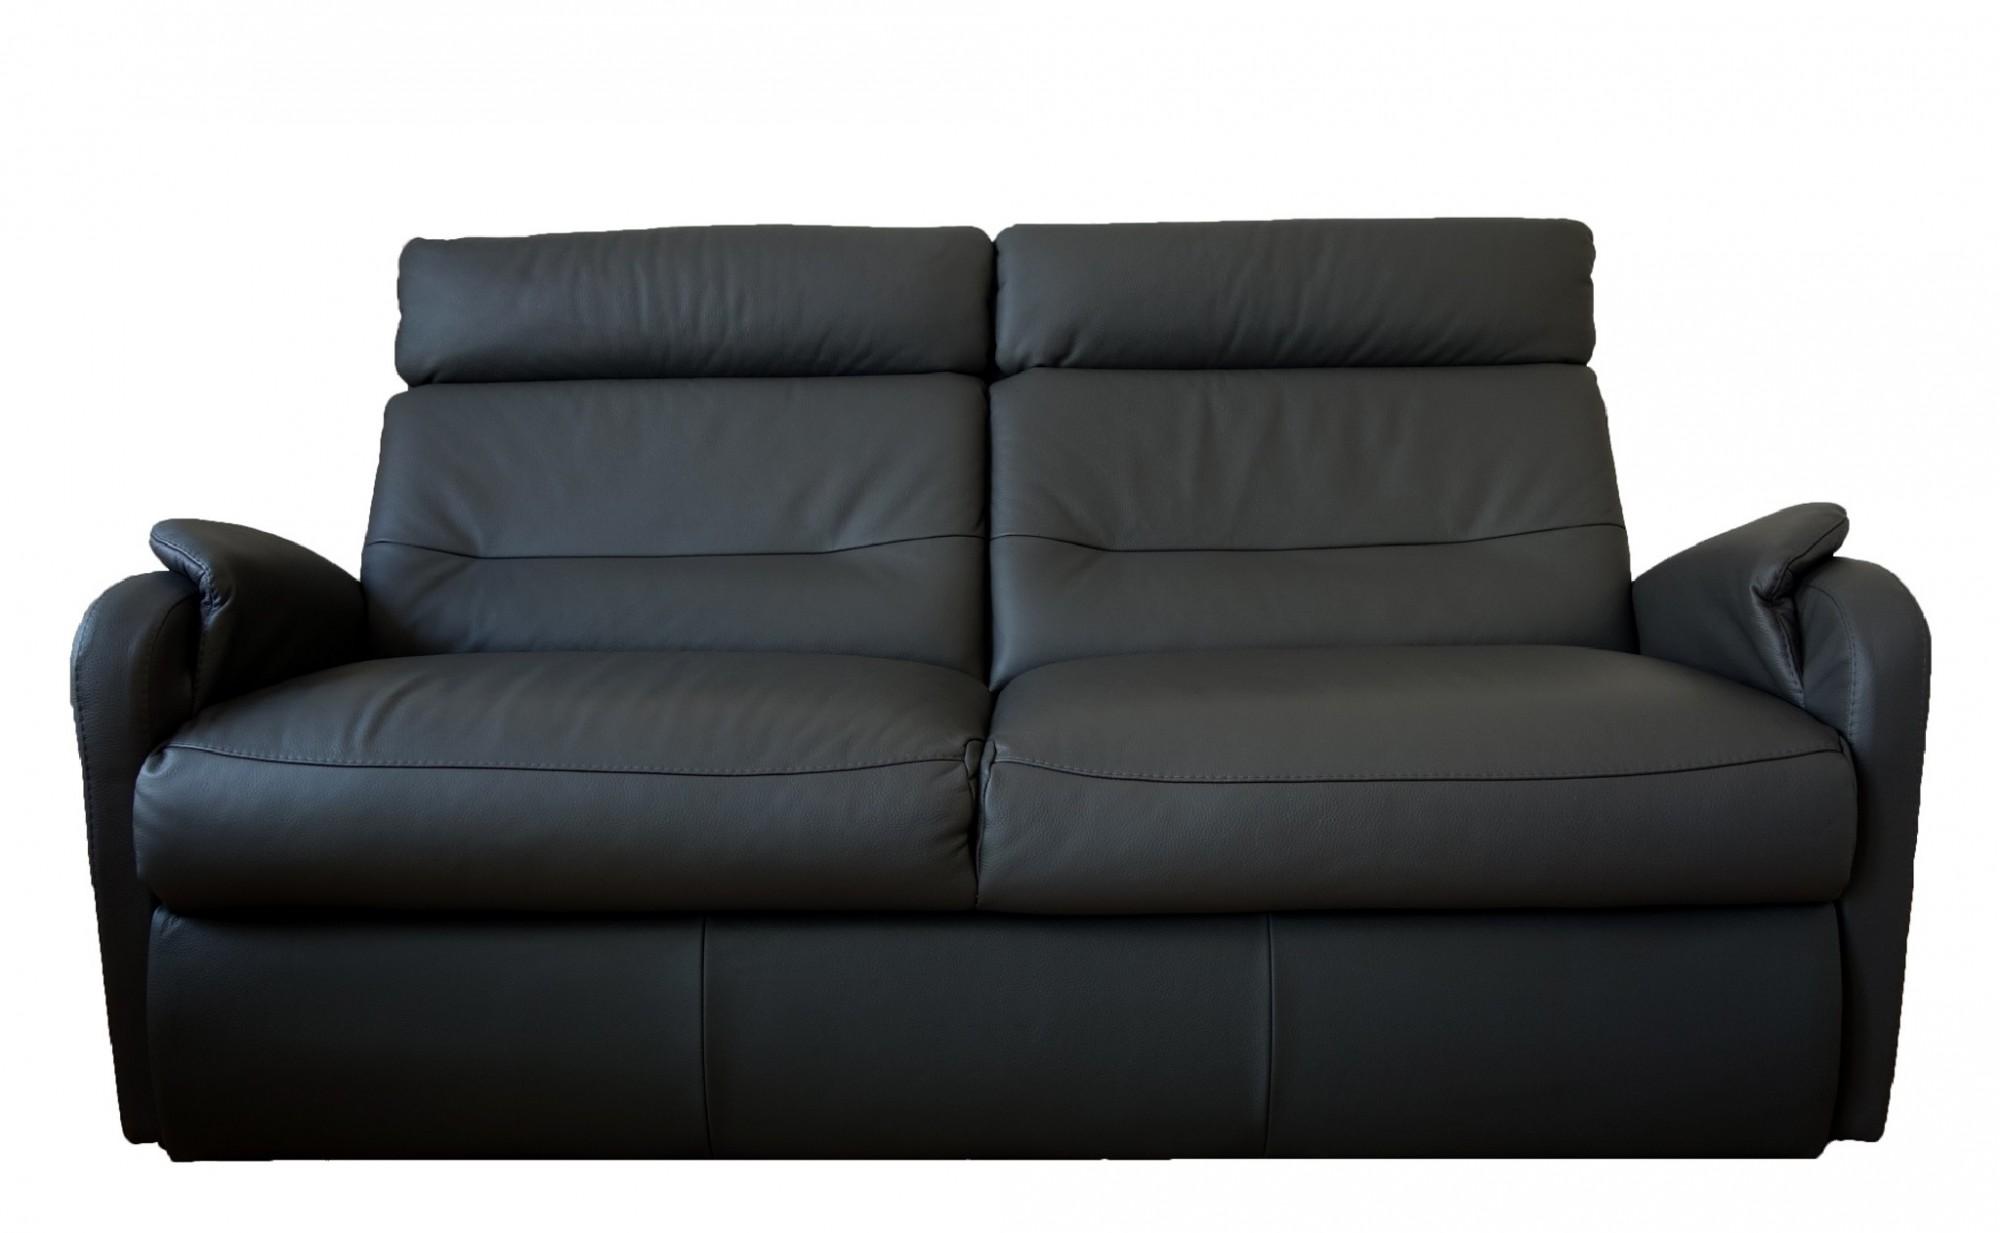 Caro 3 seat Sofa bed 15